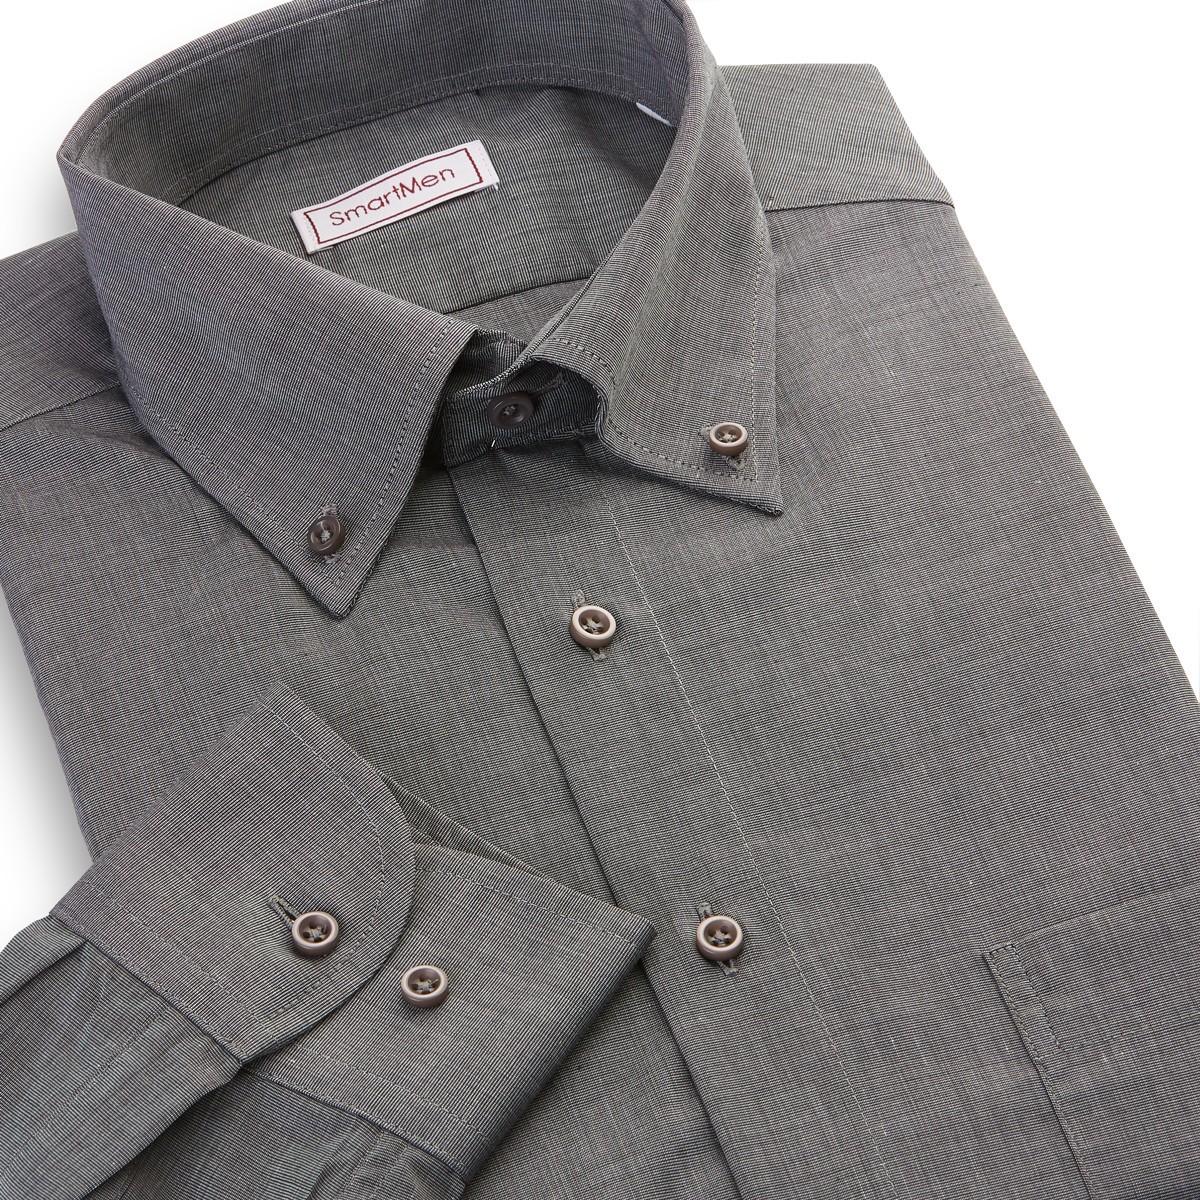 65644767cf3 Pánská košile tmavě šedý melír dlouhý rukáv Button-down